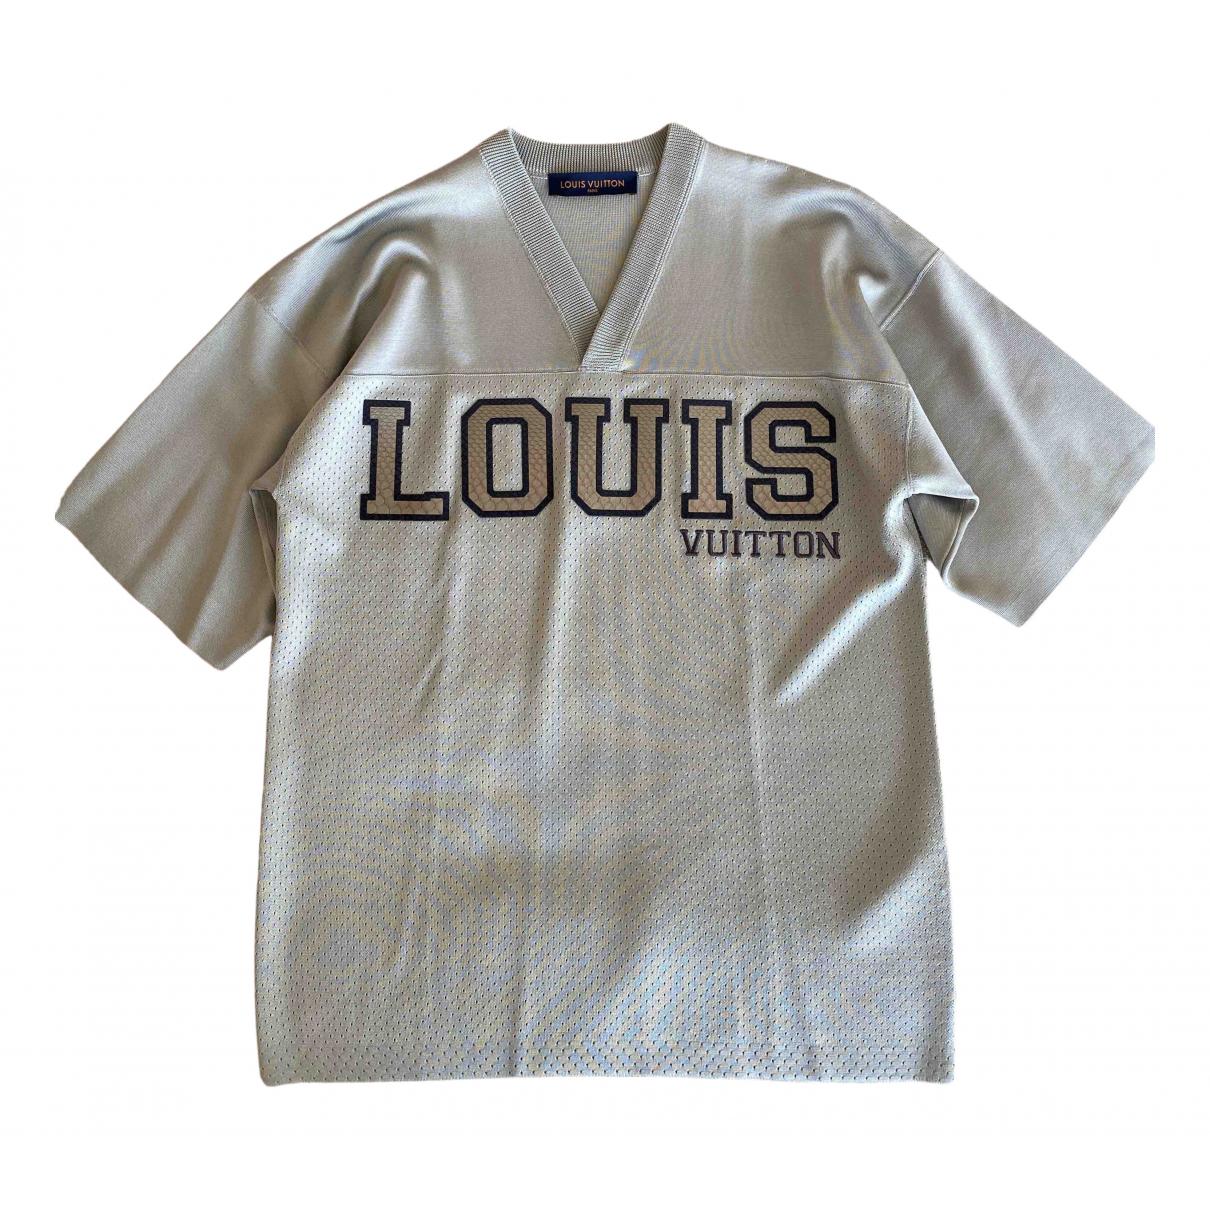 Louis Vuitton - Tee shirts   pour homme - gris